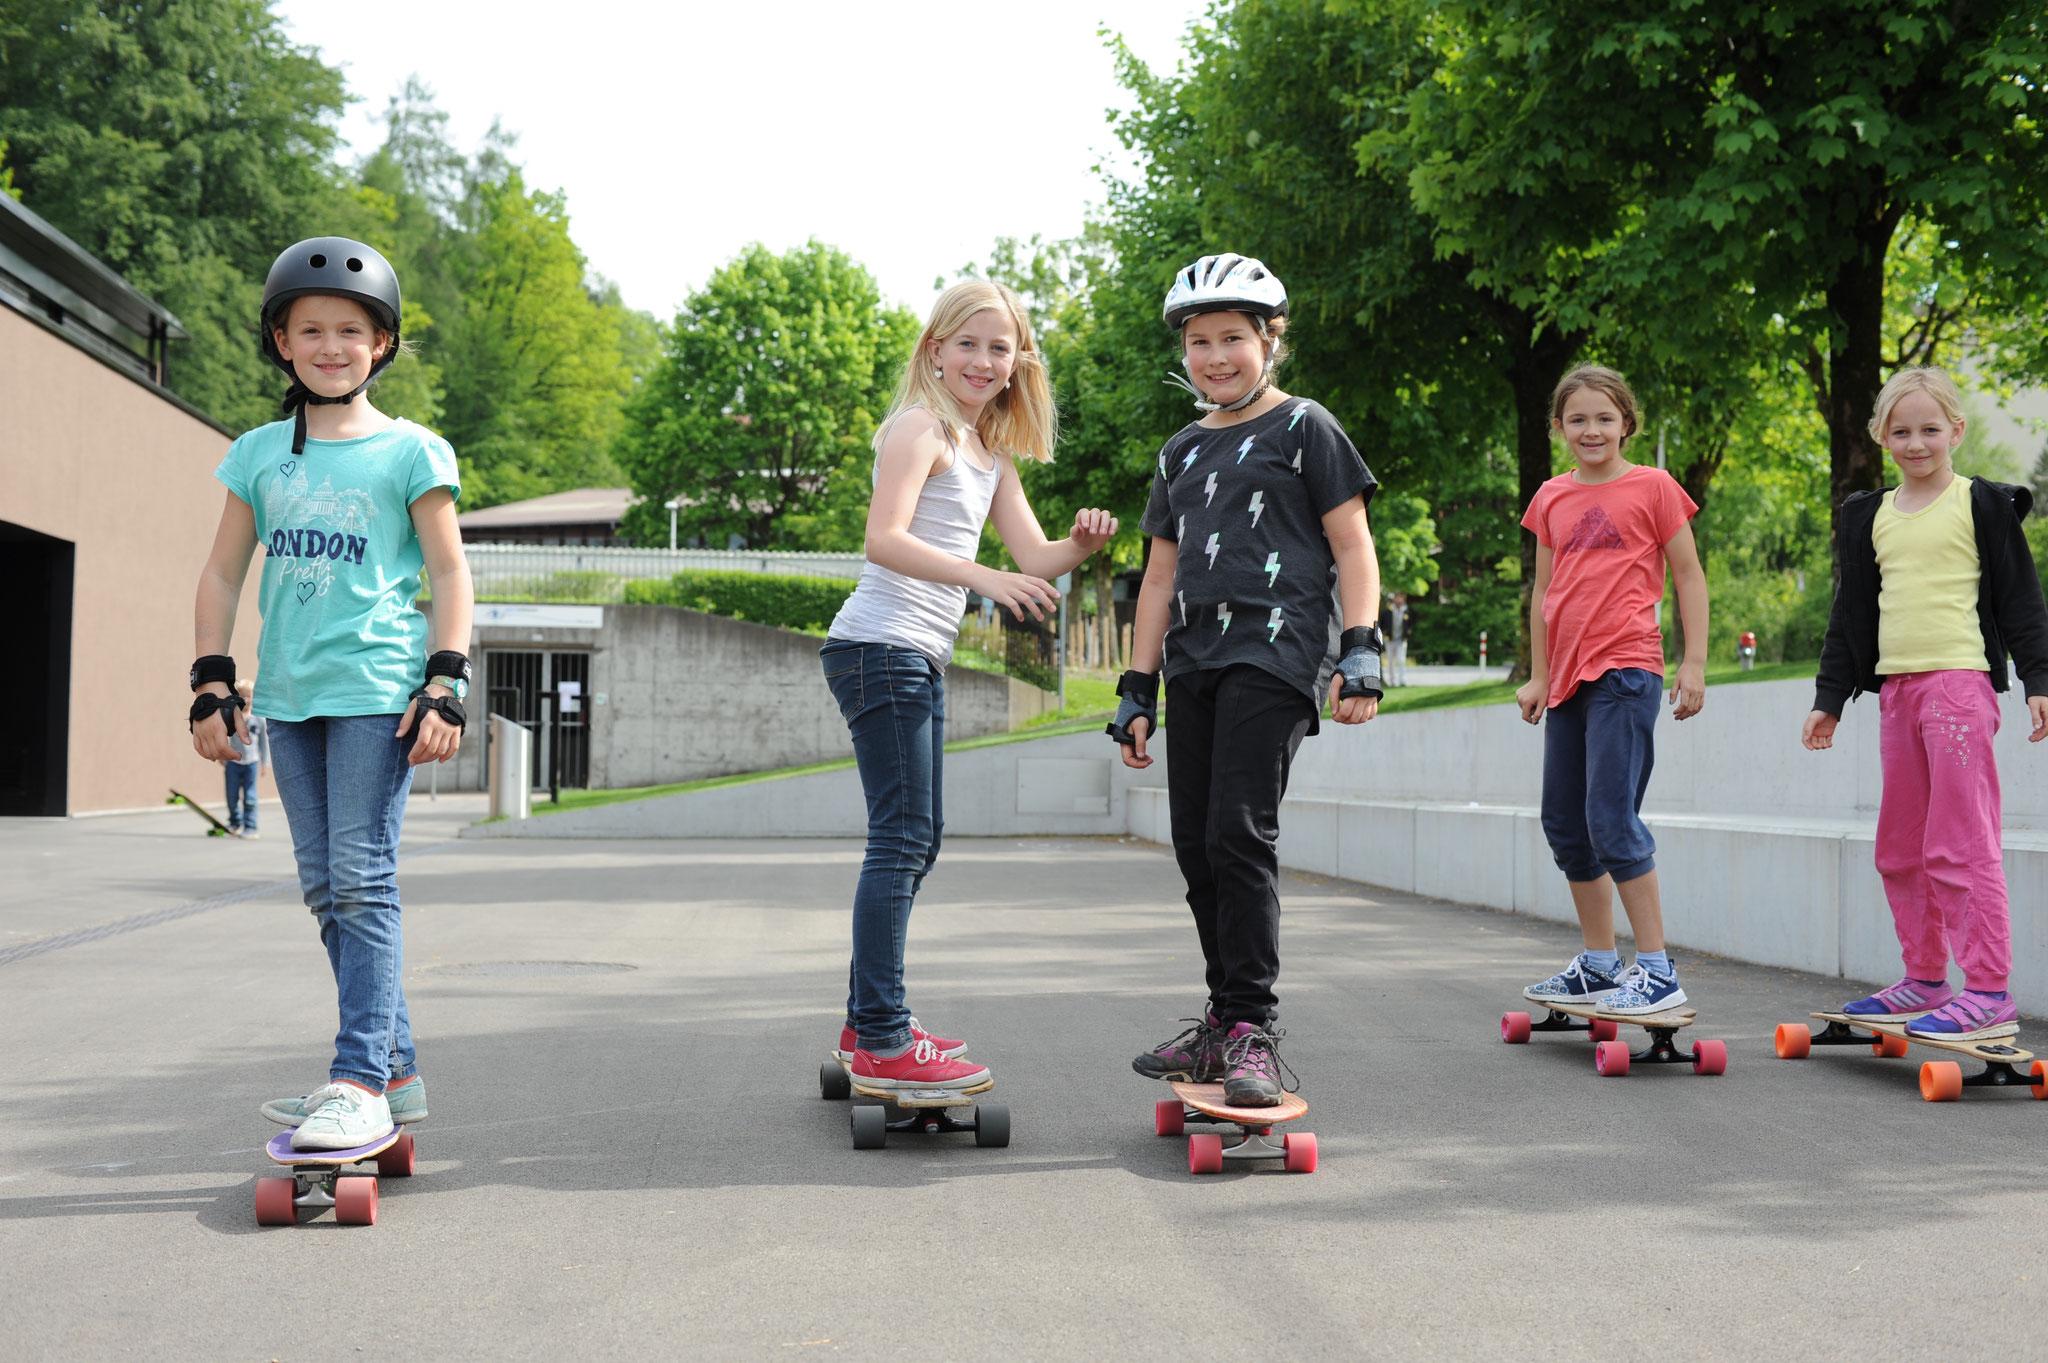 Die Girls haben Spass am Longboarden